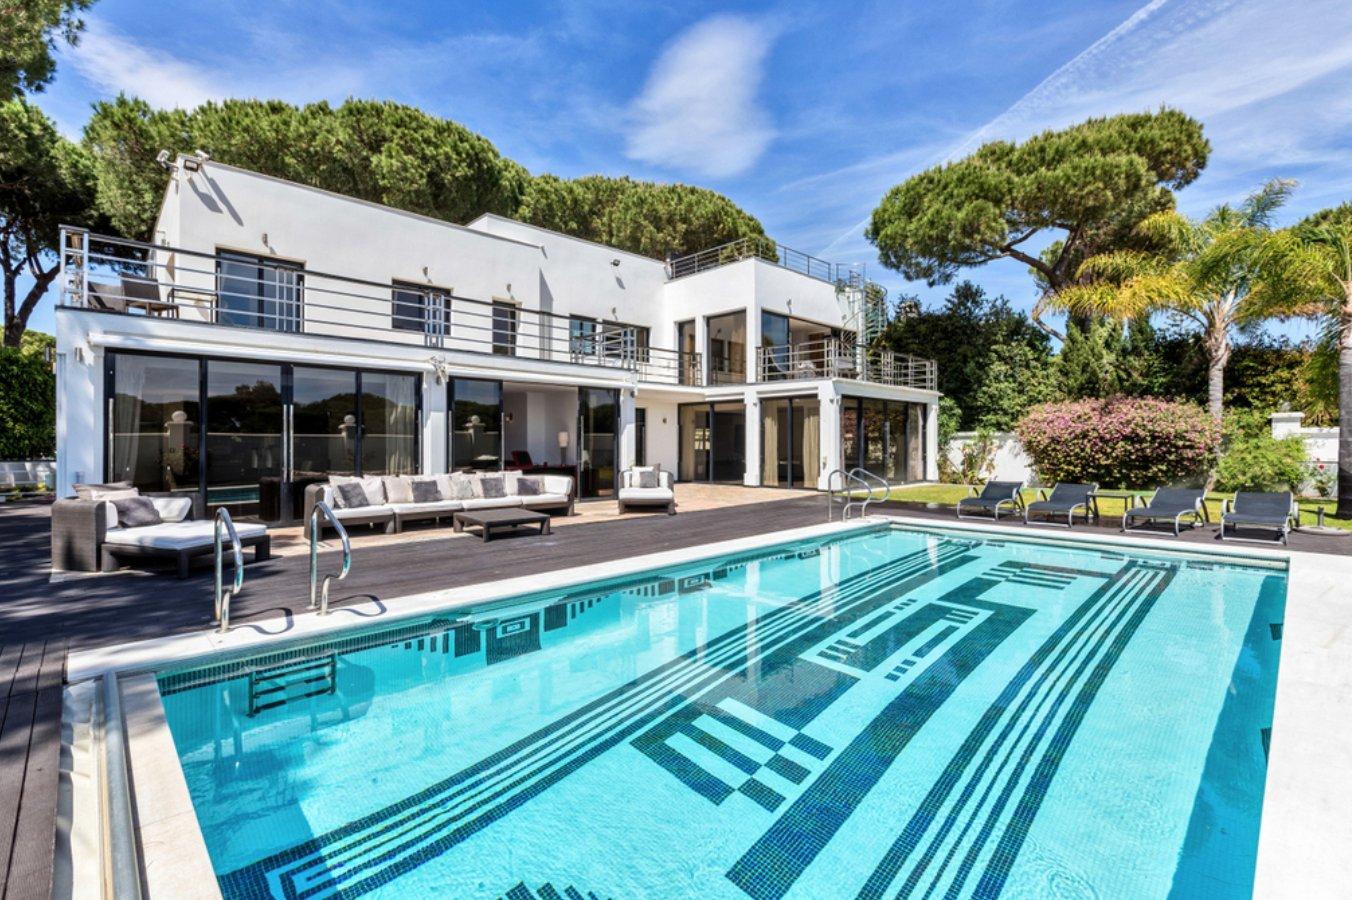 Villa in Marbella, Andalusia, Spain 1 - 11394829